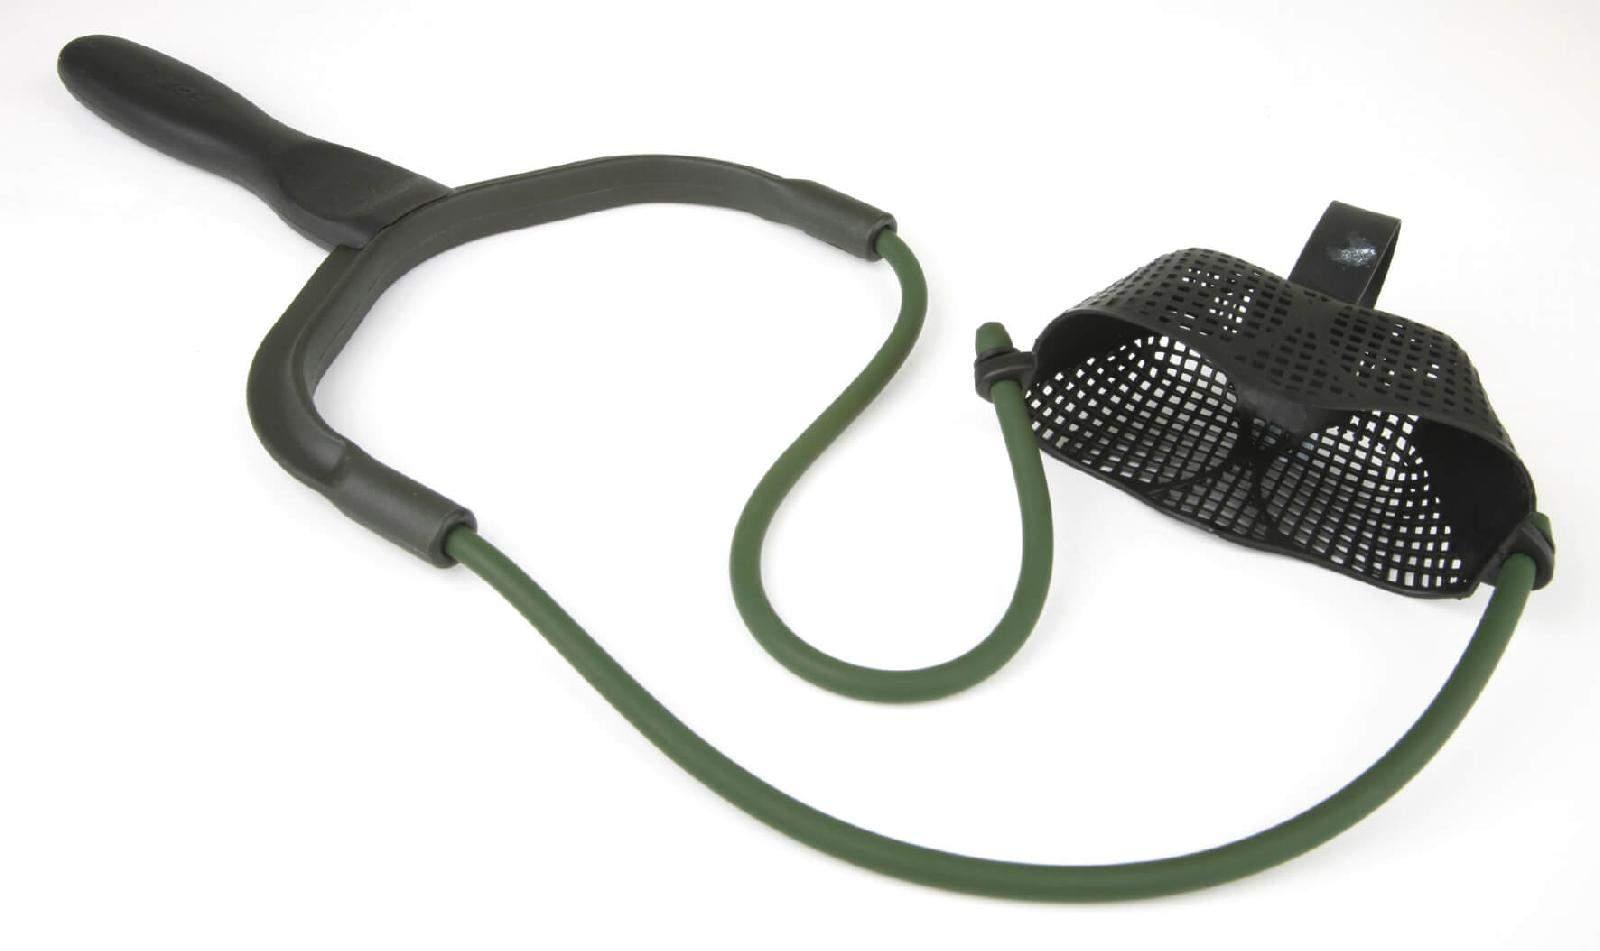 Рогатка для рыбалки: предназначение, устройство, способы изготовления